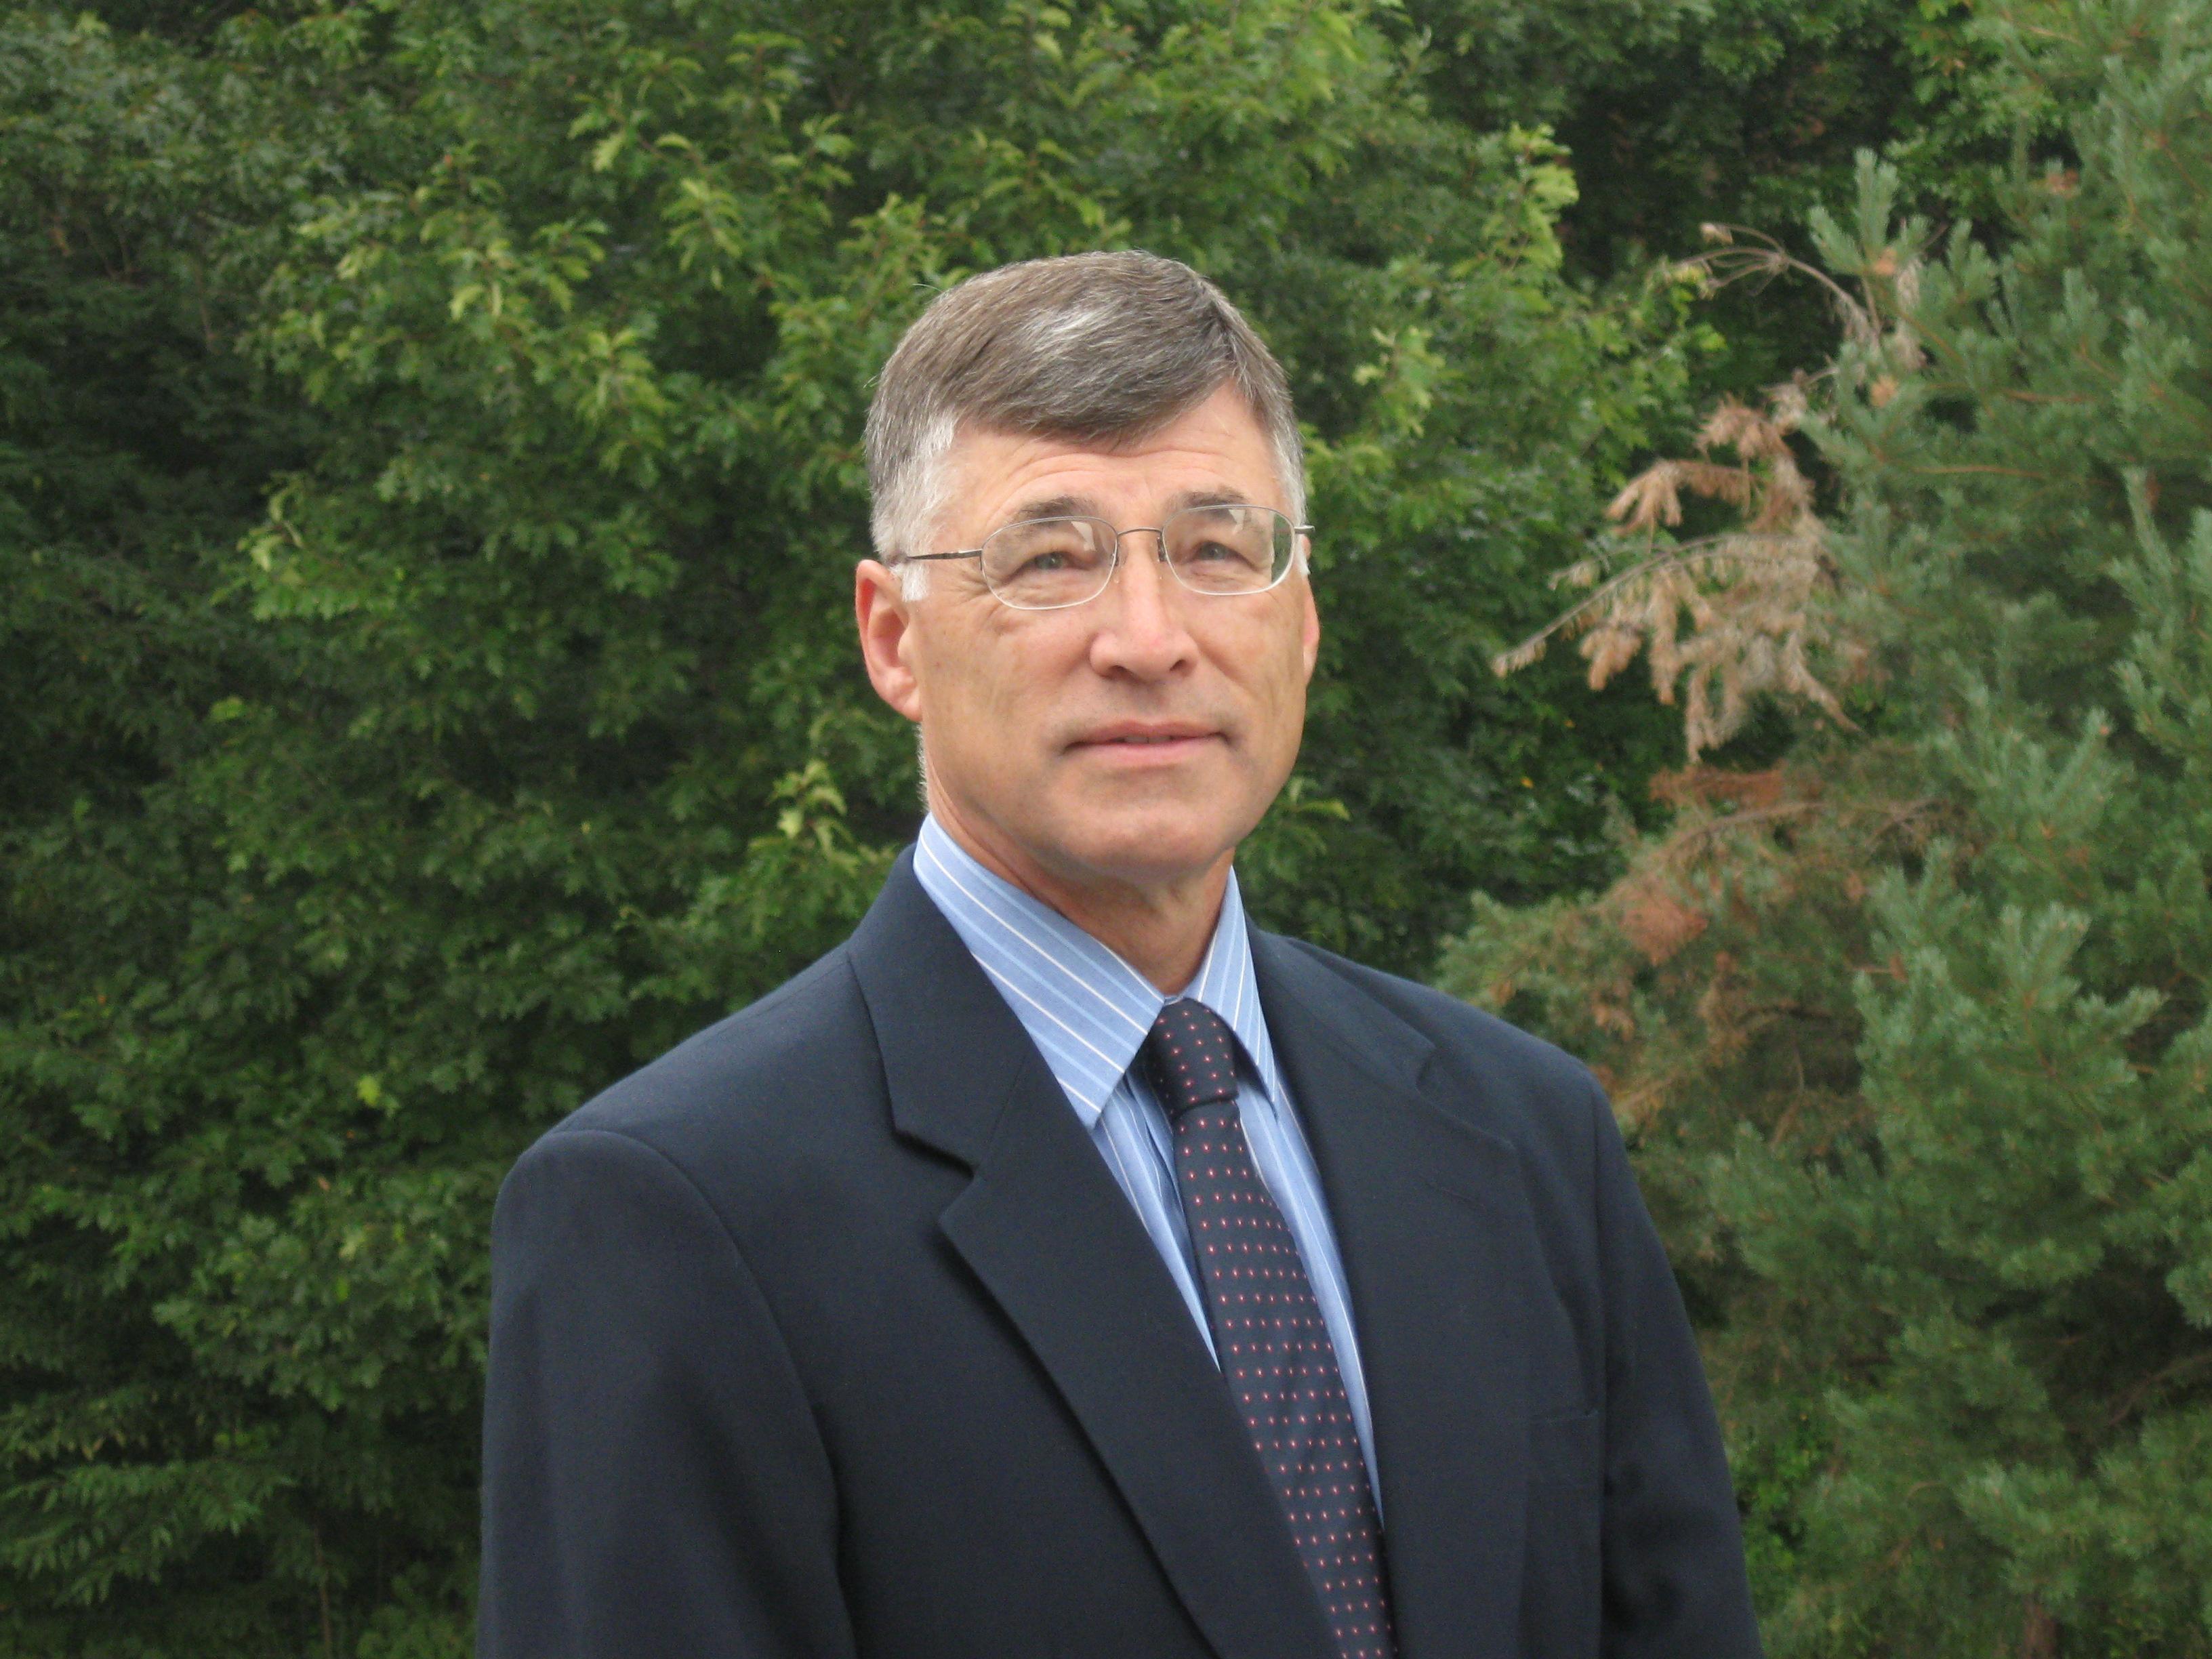 Stephen G Goodell, DDS